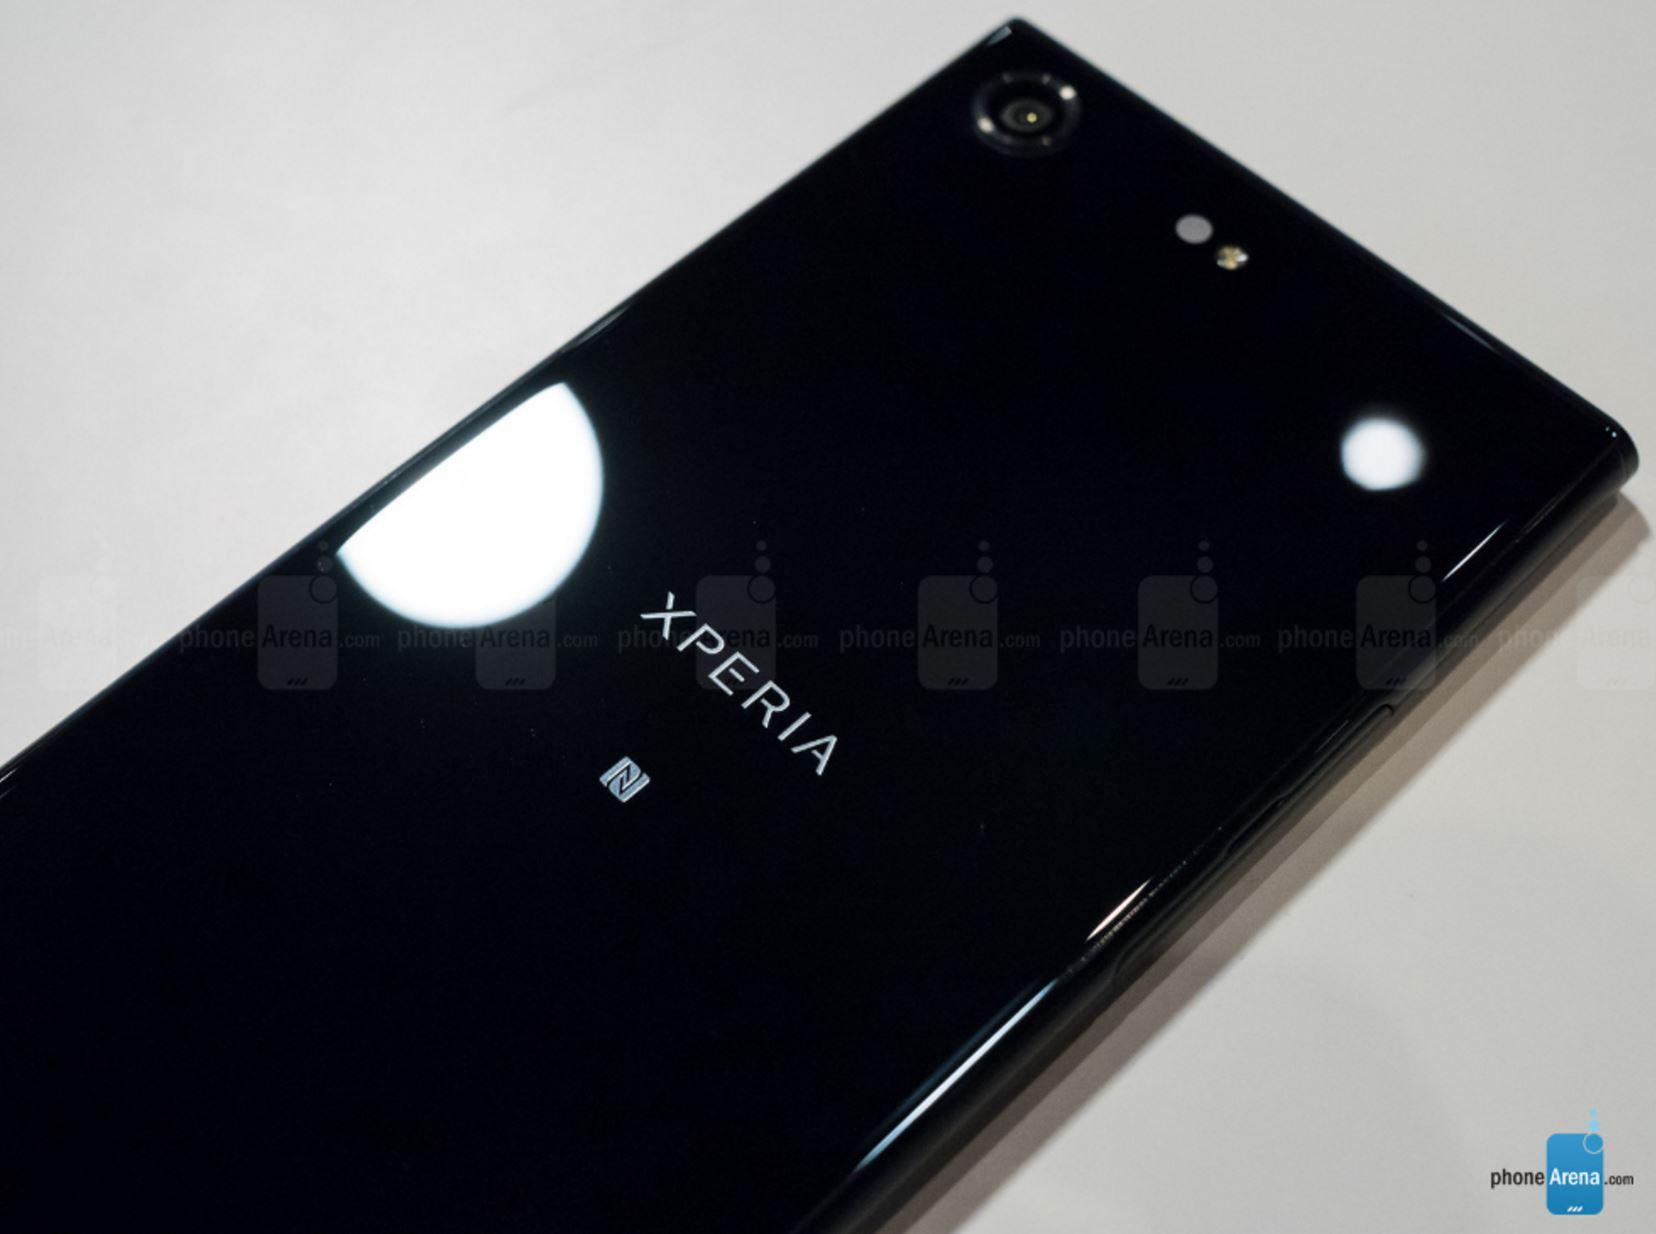 سونی اکسپریا XZ Premium برنده جایزه بهترین گوشی هوشمند جدید در کنگره جهانی موبایل ۲۰۱۷ شد